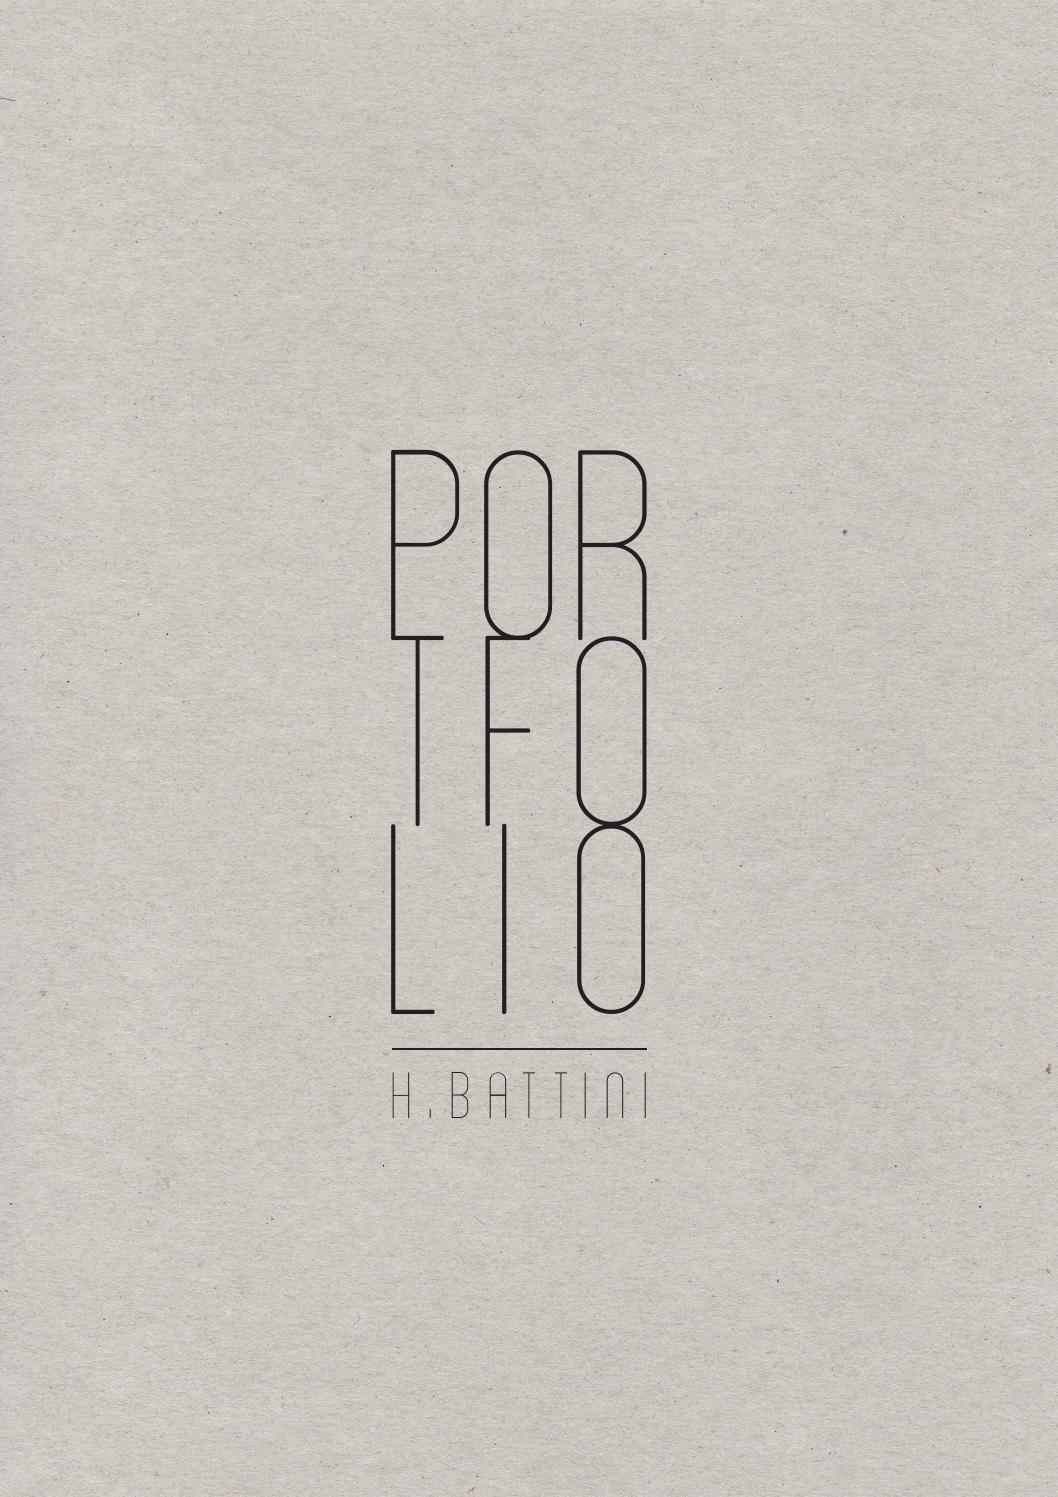 Architecture portfolio h l ne battini ensav for Portfolio architektur